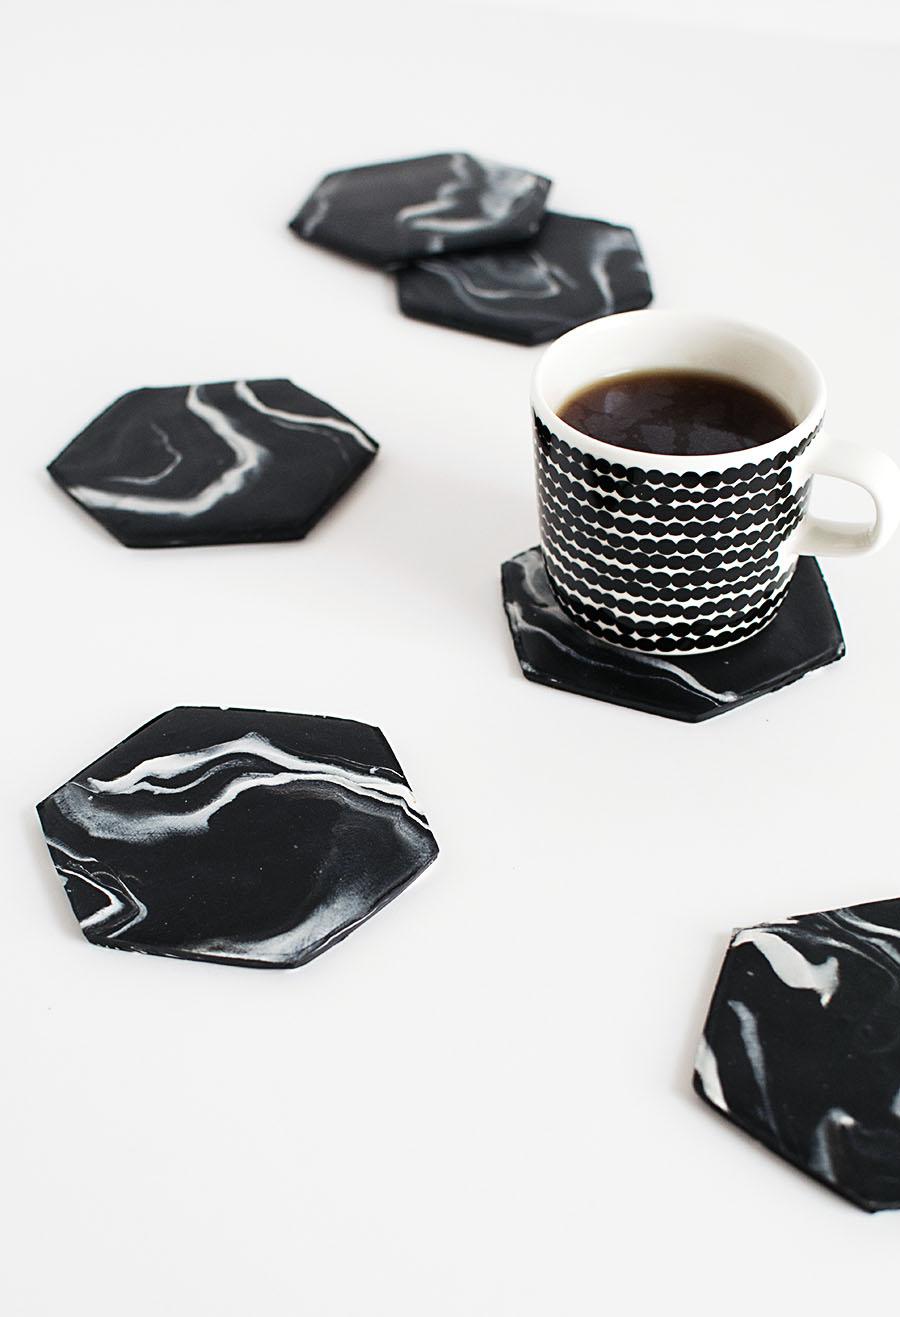 Hexagon Marble Coasters DIY